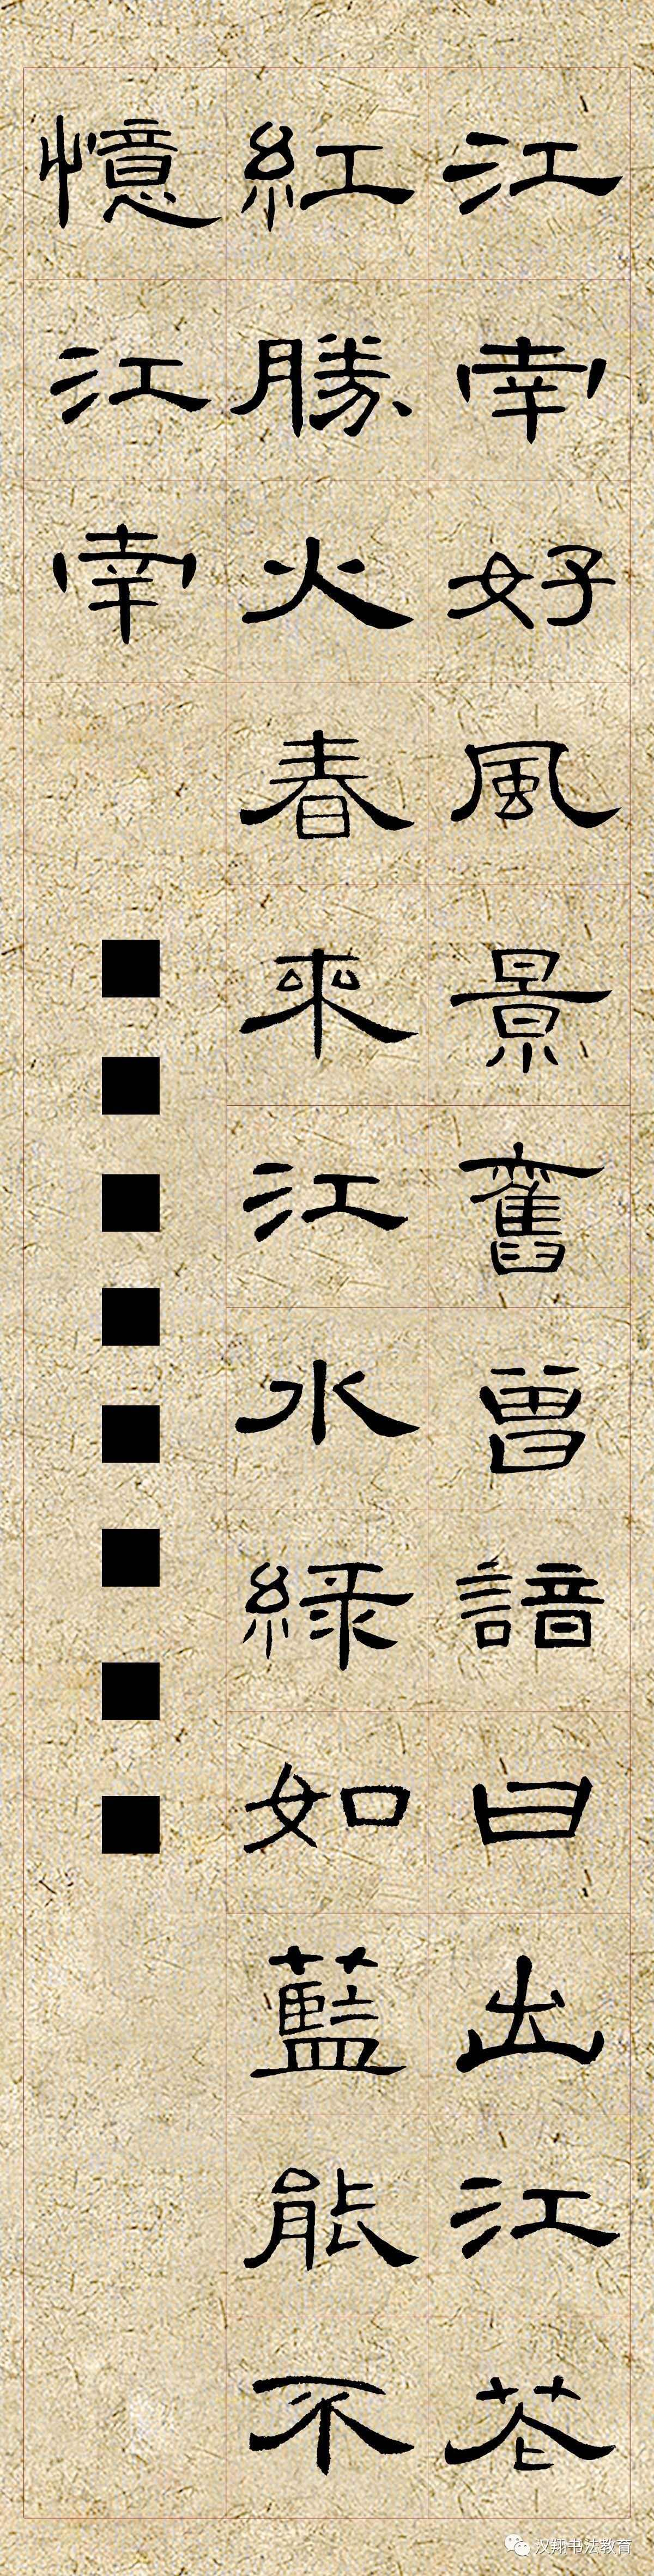 【曹全碑隶书集字】江南好,风景旧曾谙……_突袭旅游